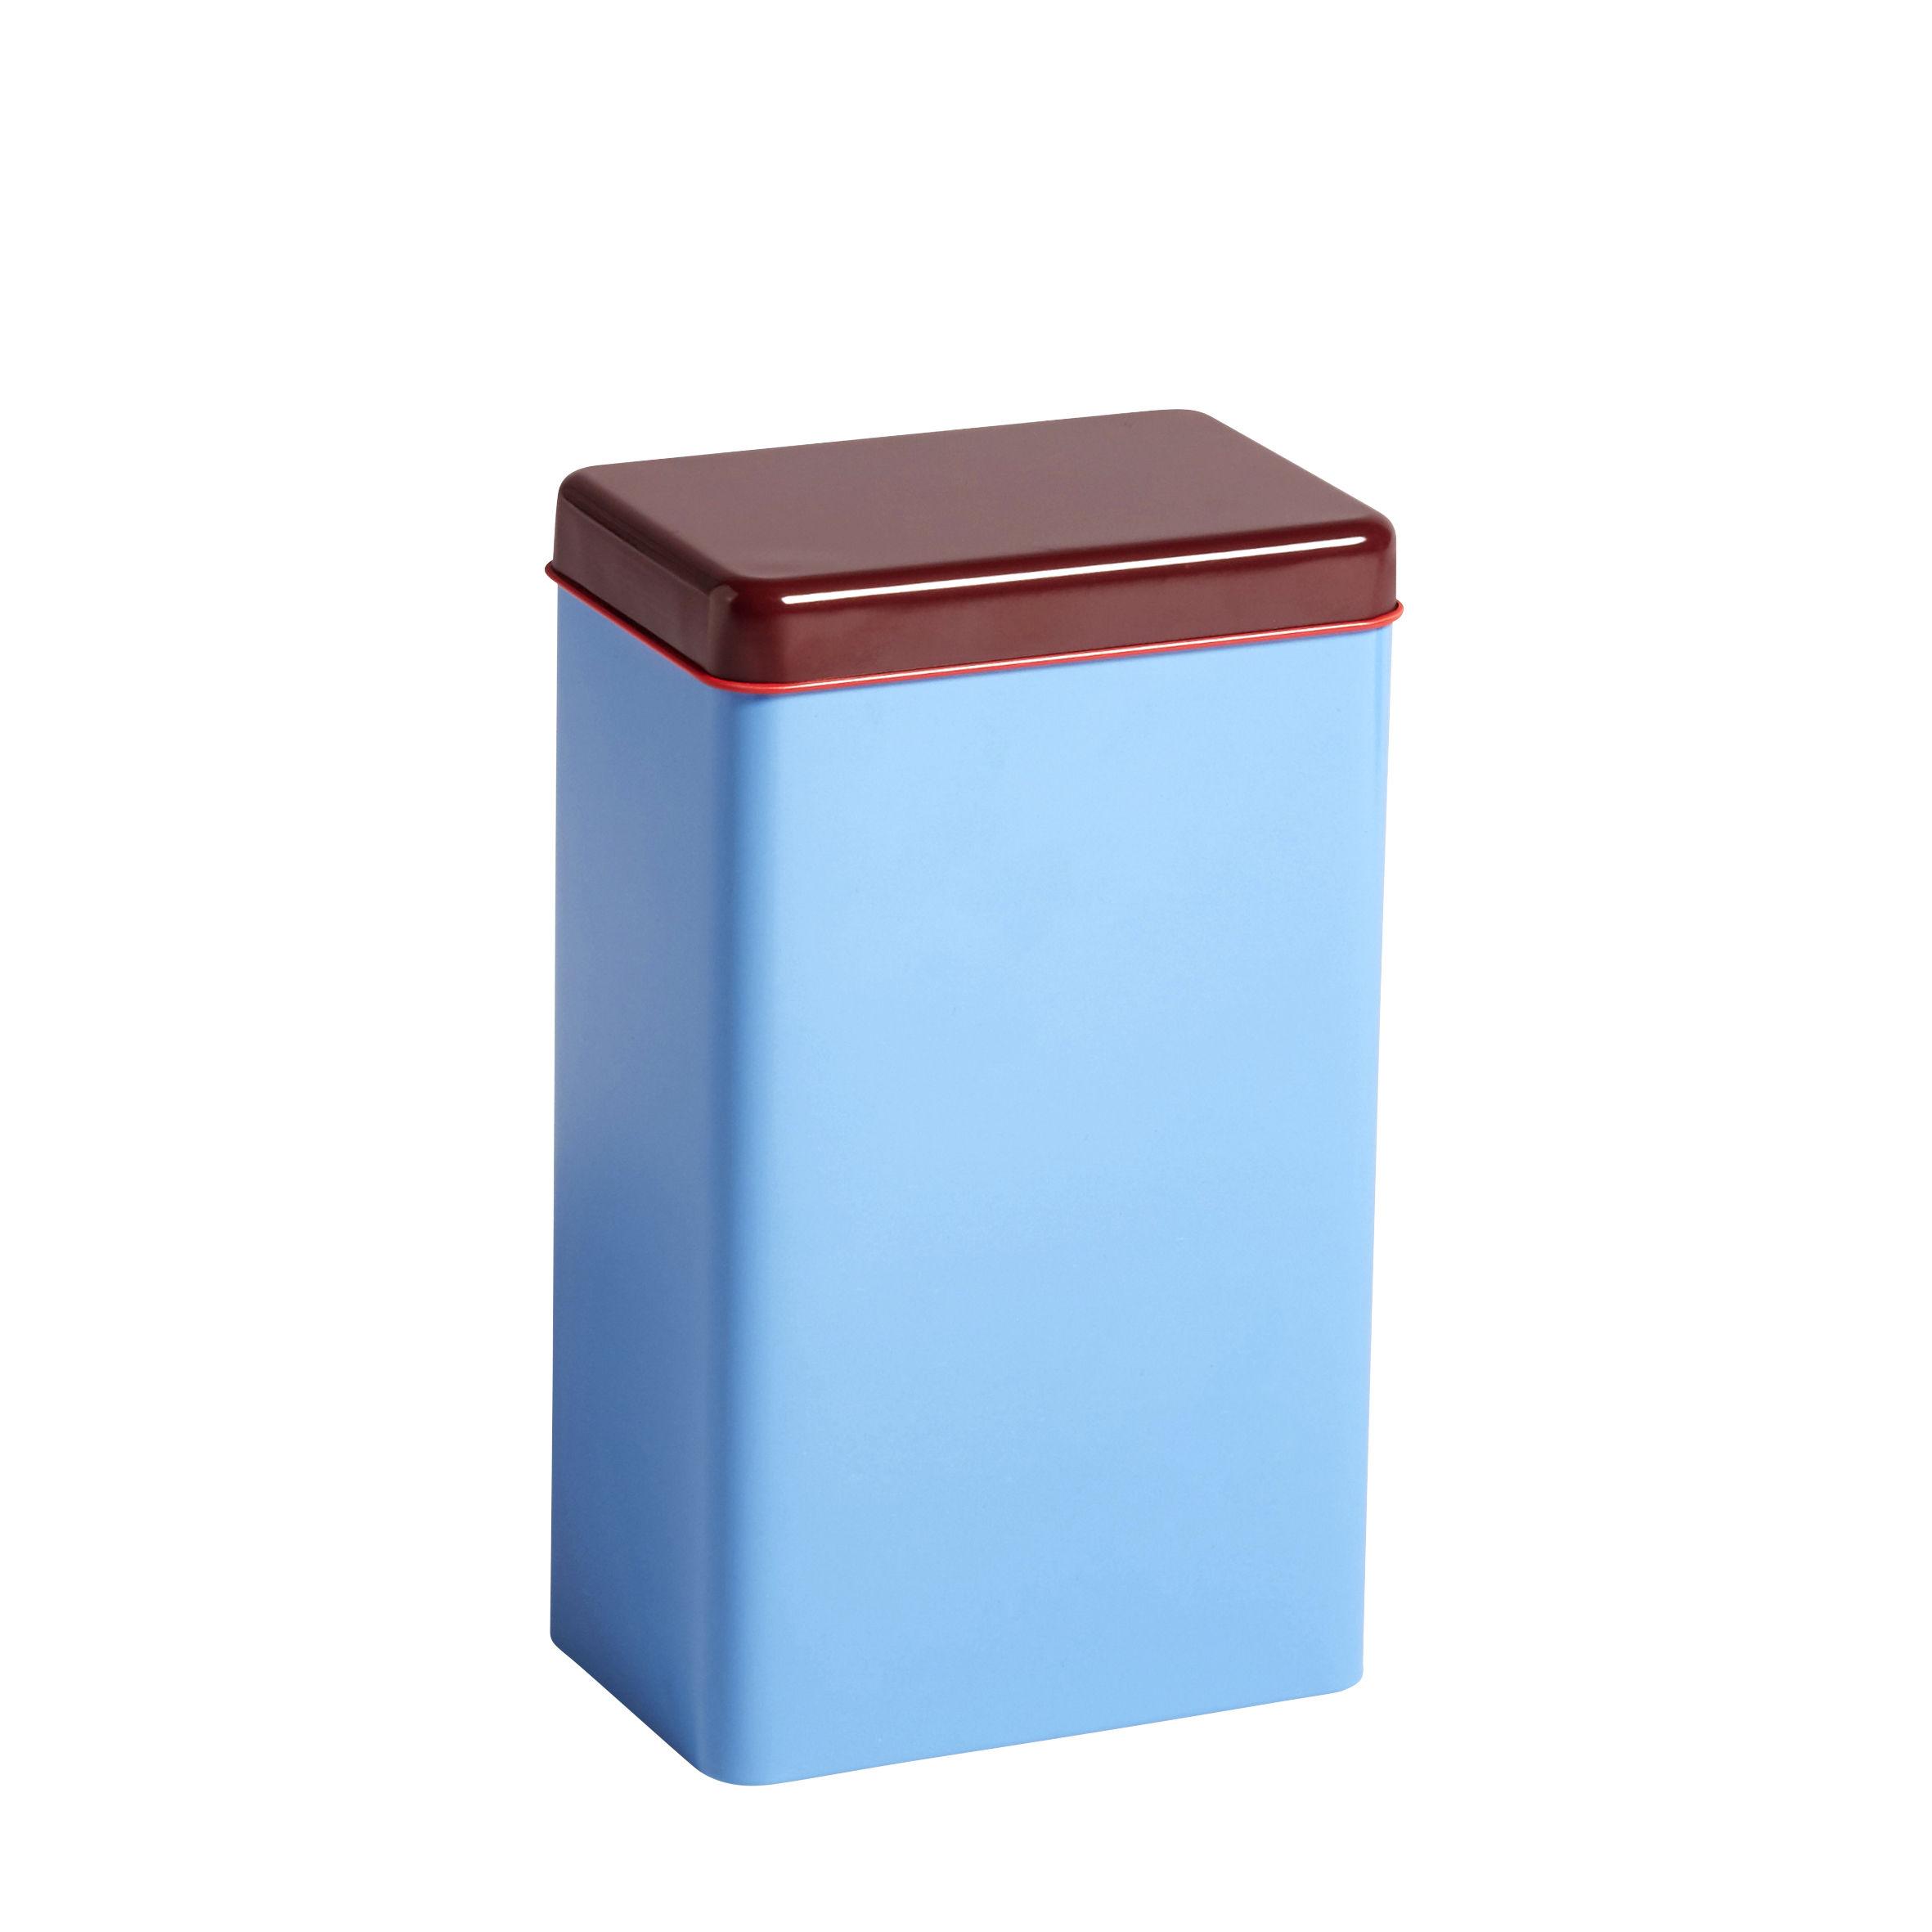 Kitchenware - Kitchen Storage Jars - Sowden Airtight box - / H 20 cm - Metal by Hay - Blue - Tinplate